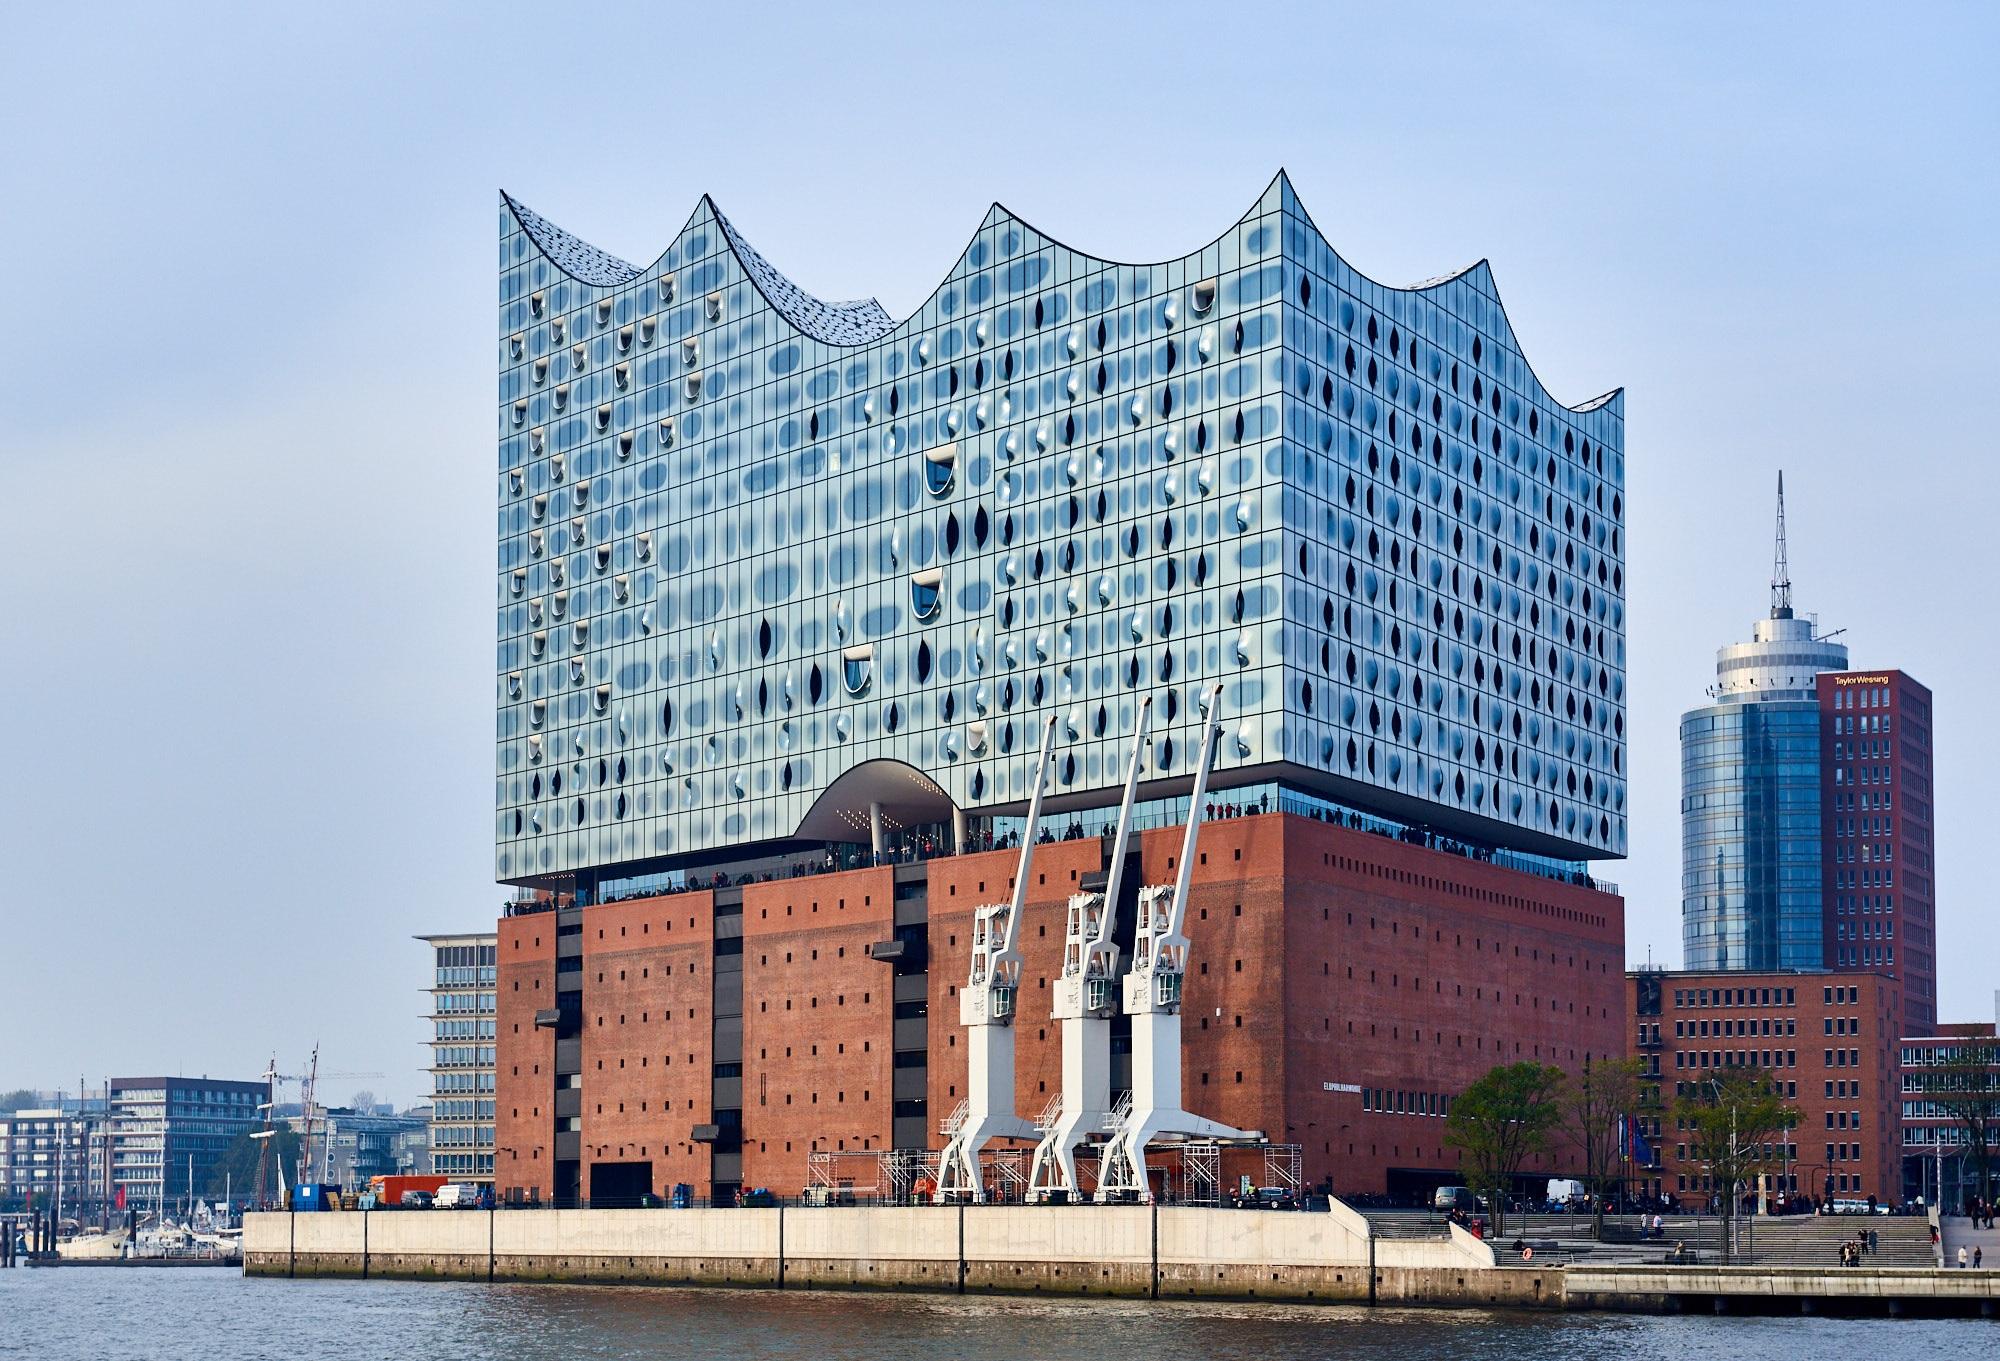 Elbphillharmonie Hamburg